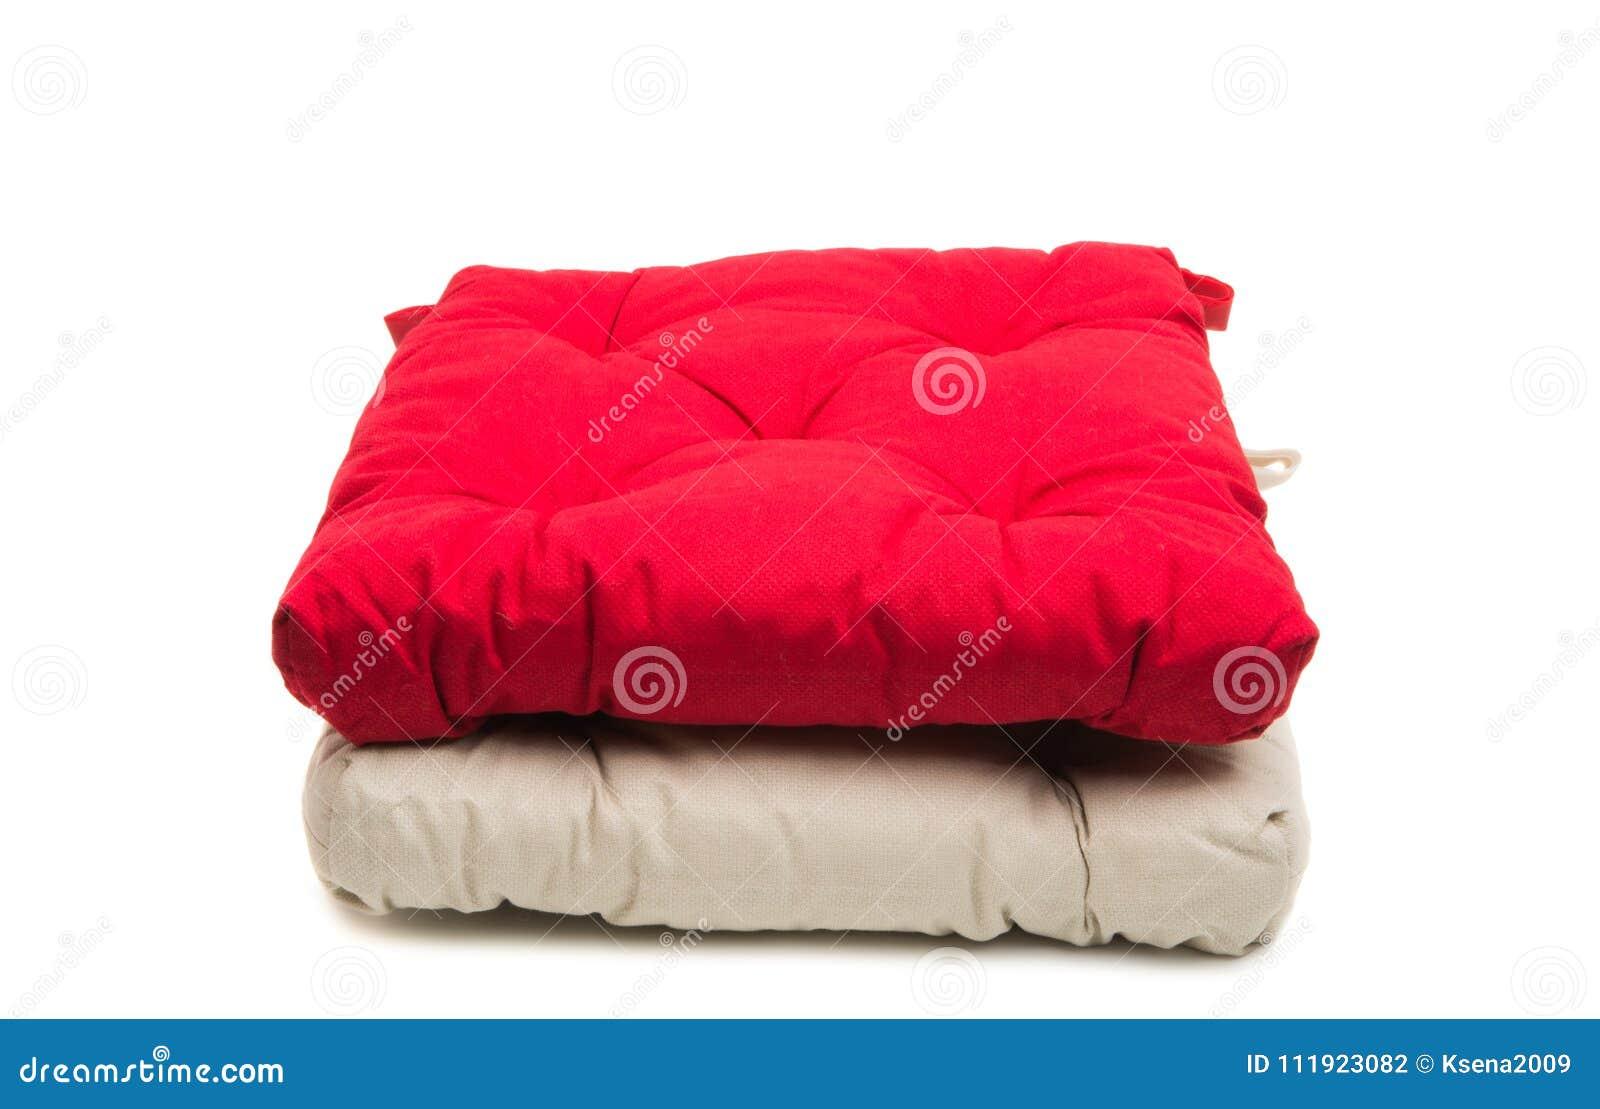 chair cushion puffy